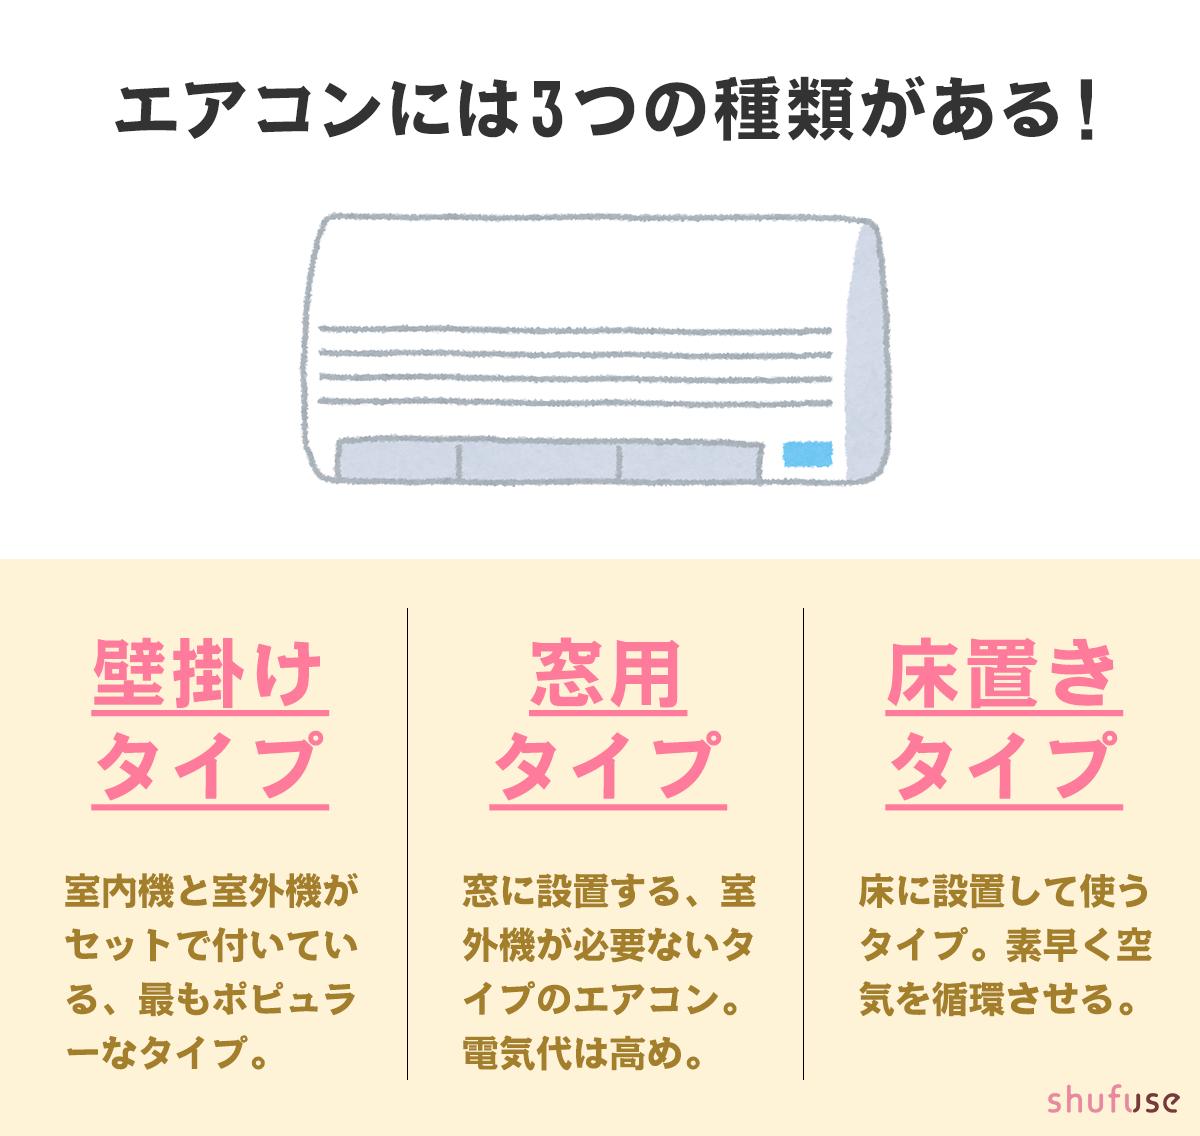 エアコンのタイプは3種類